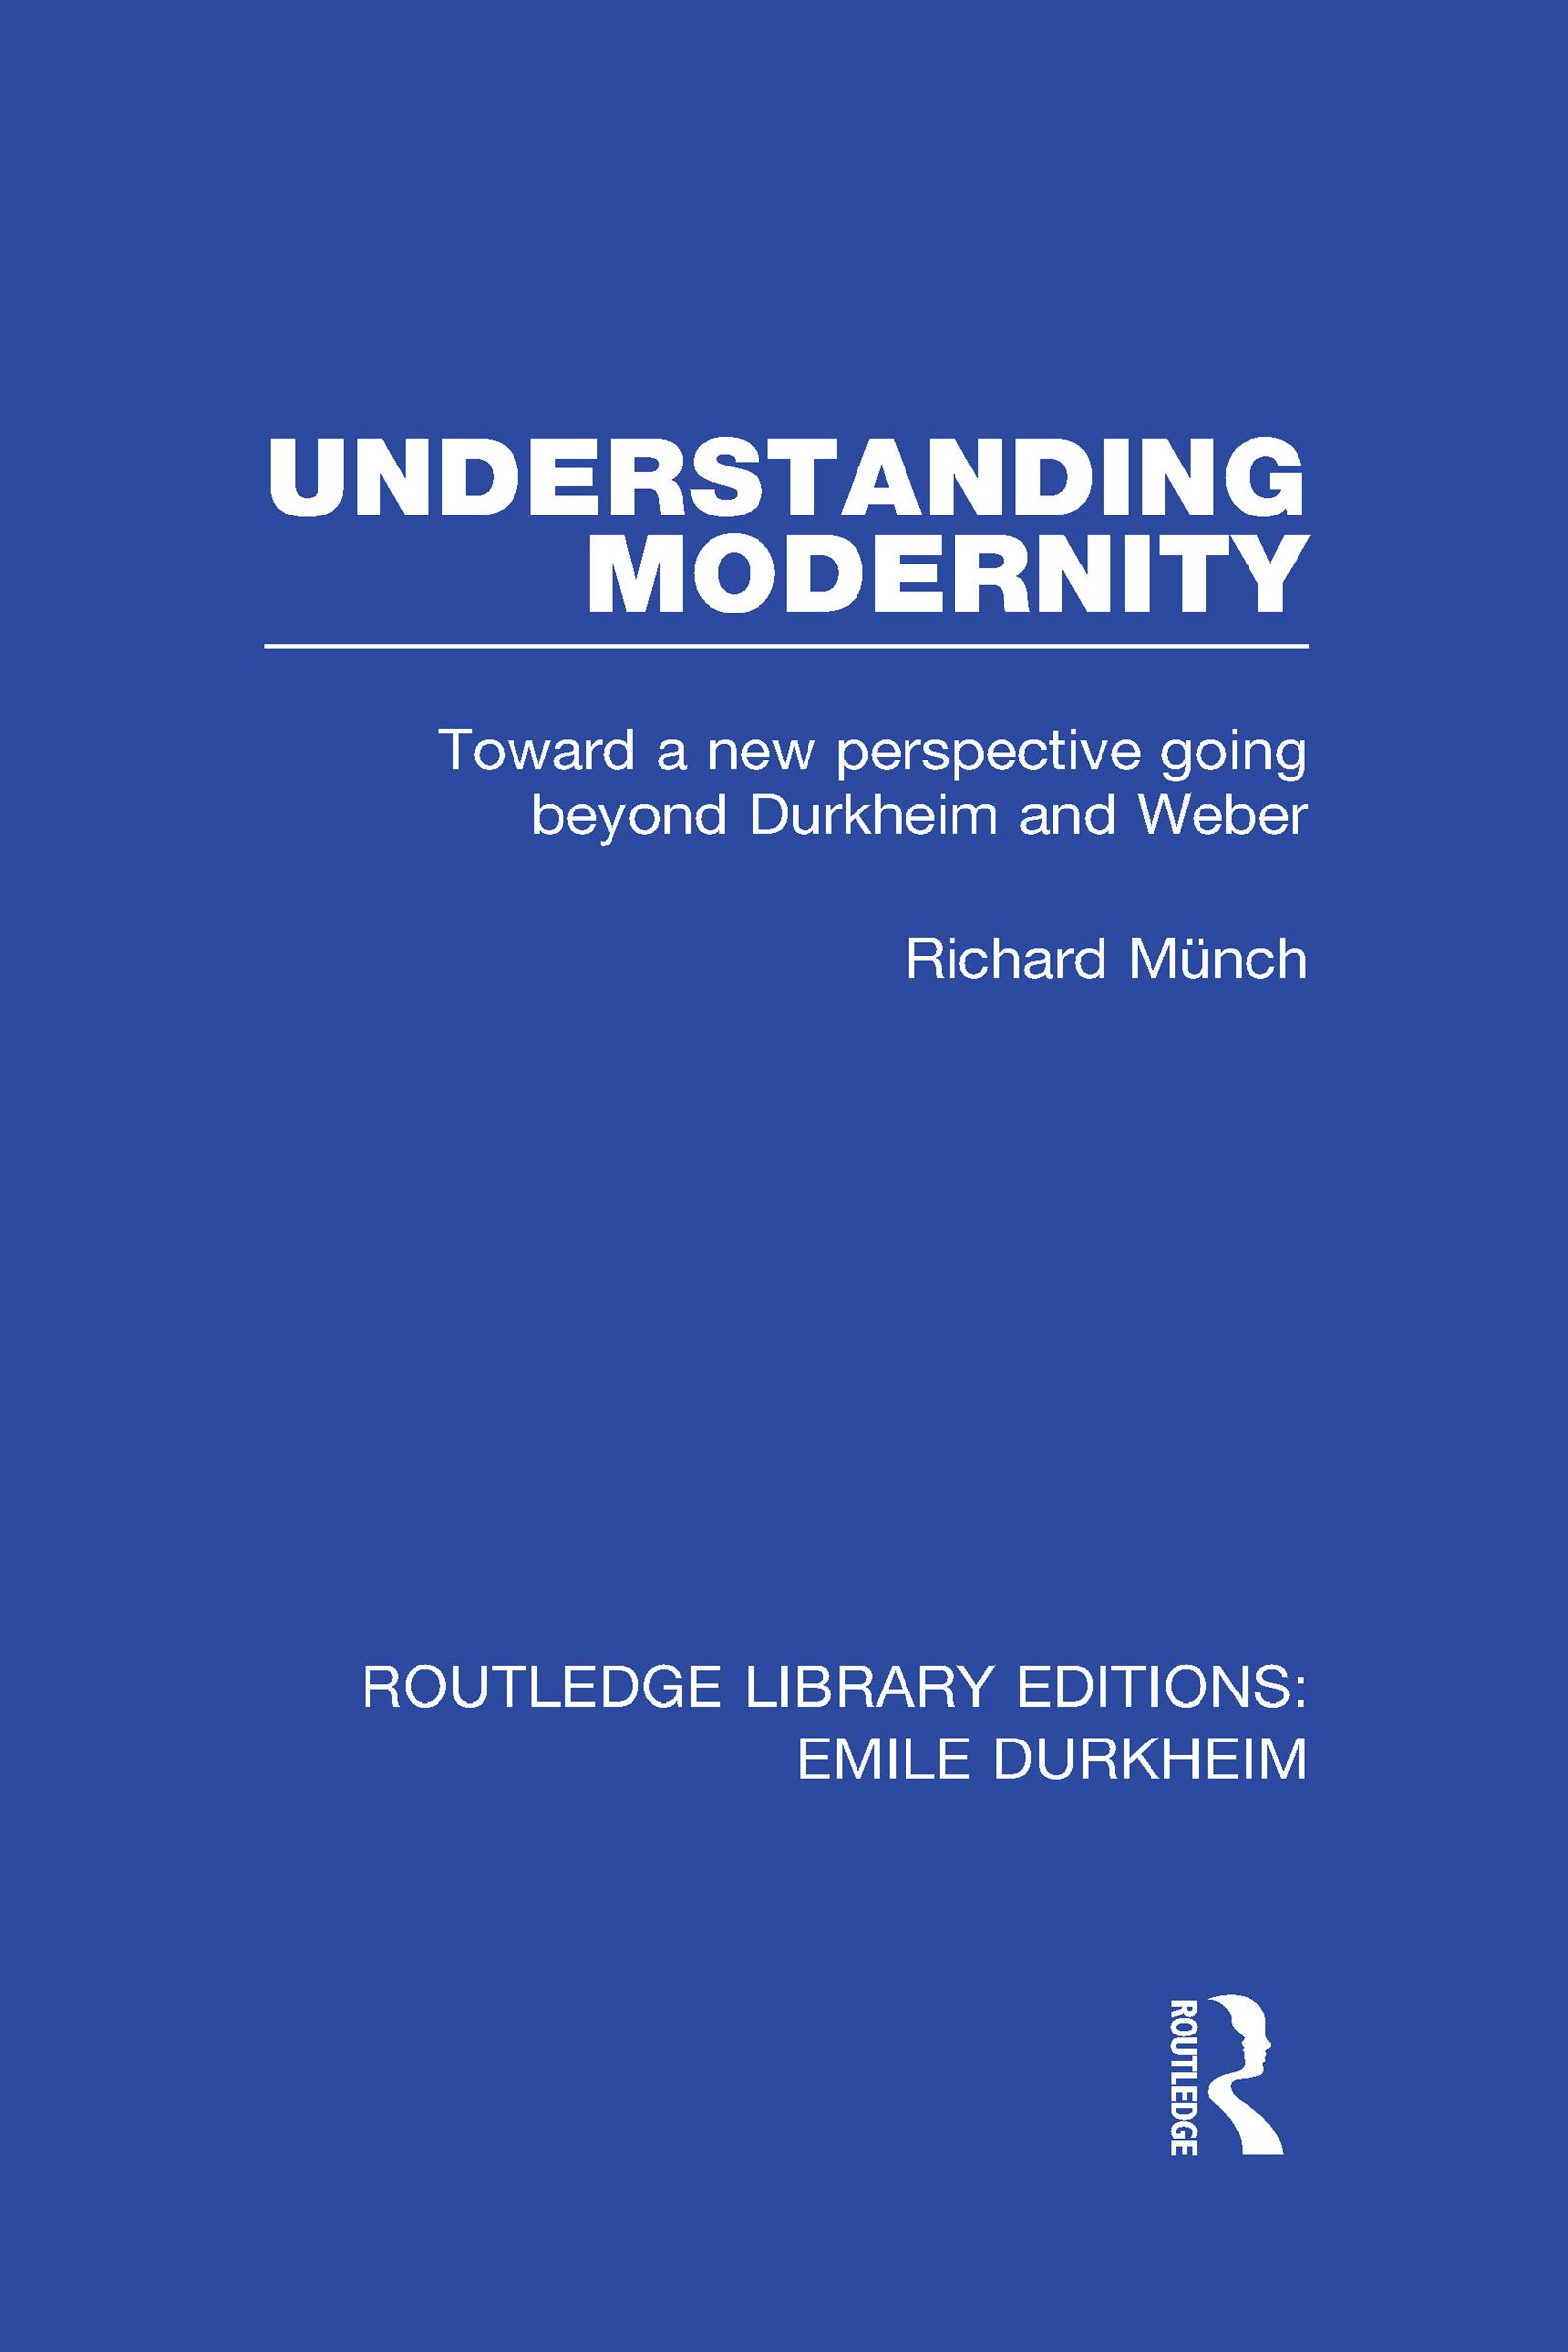 Understanding Modernity: Toward a new perspective going beyond Durkheim and Weber book cover